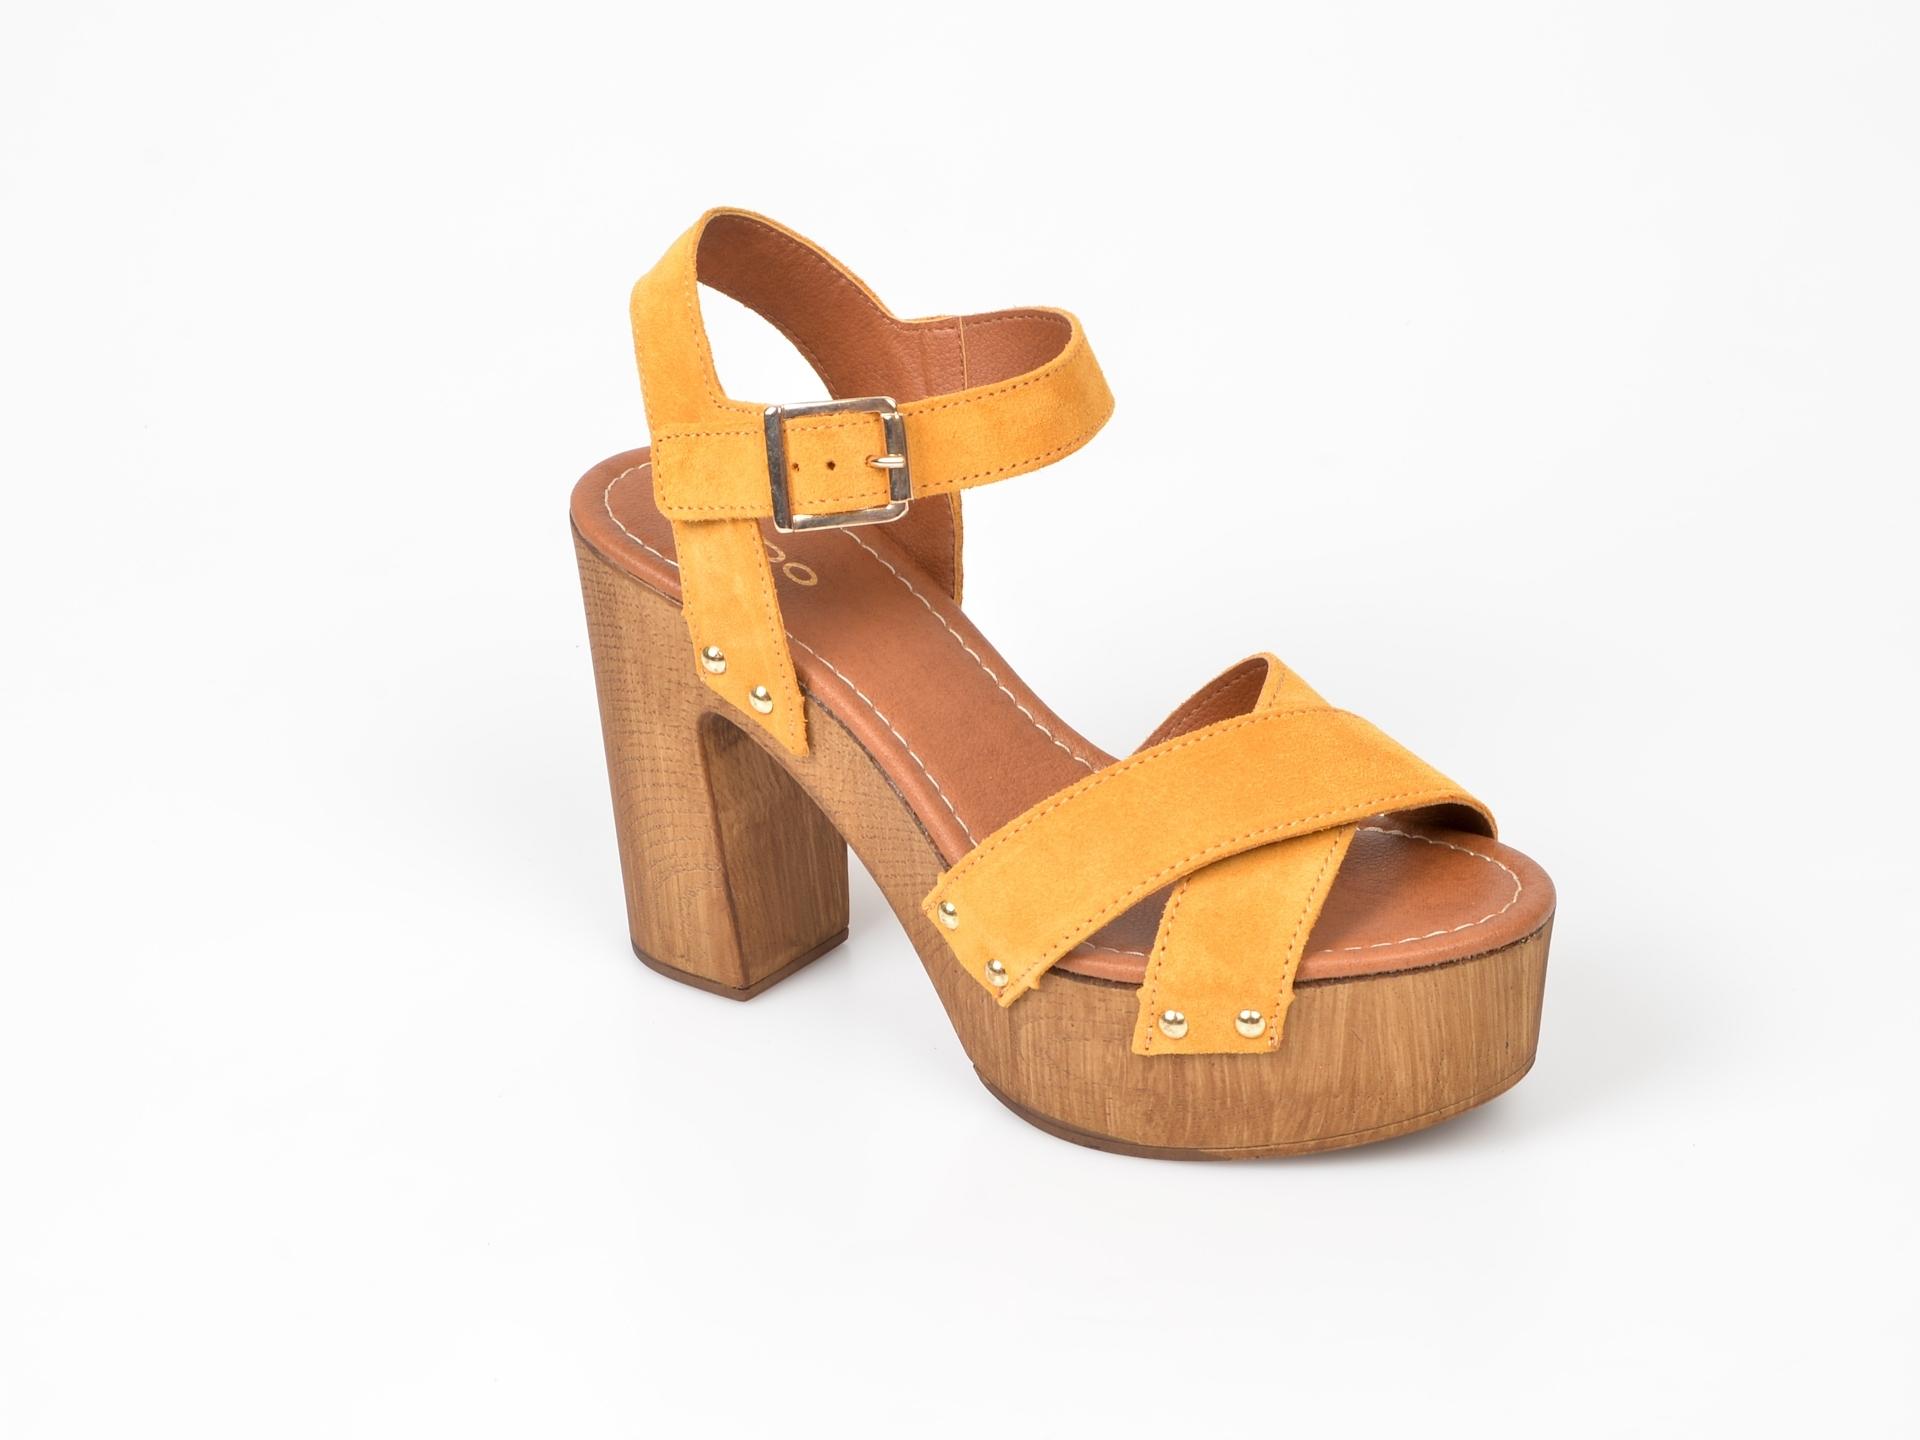 Sandale ALDO galbene, Deleniel, din piele naturala